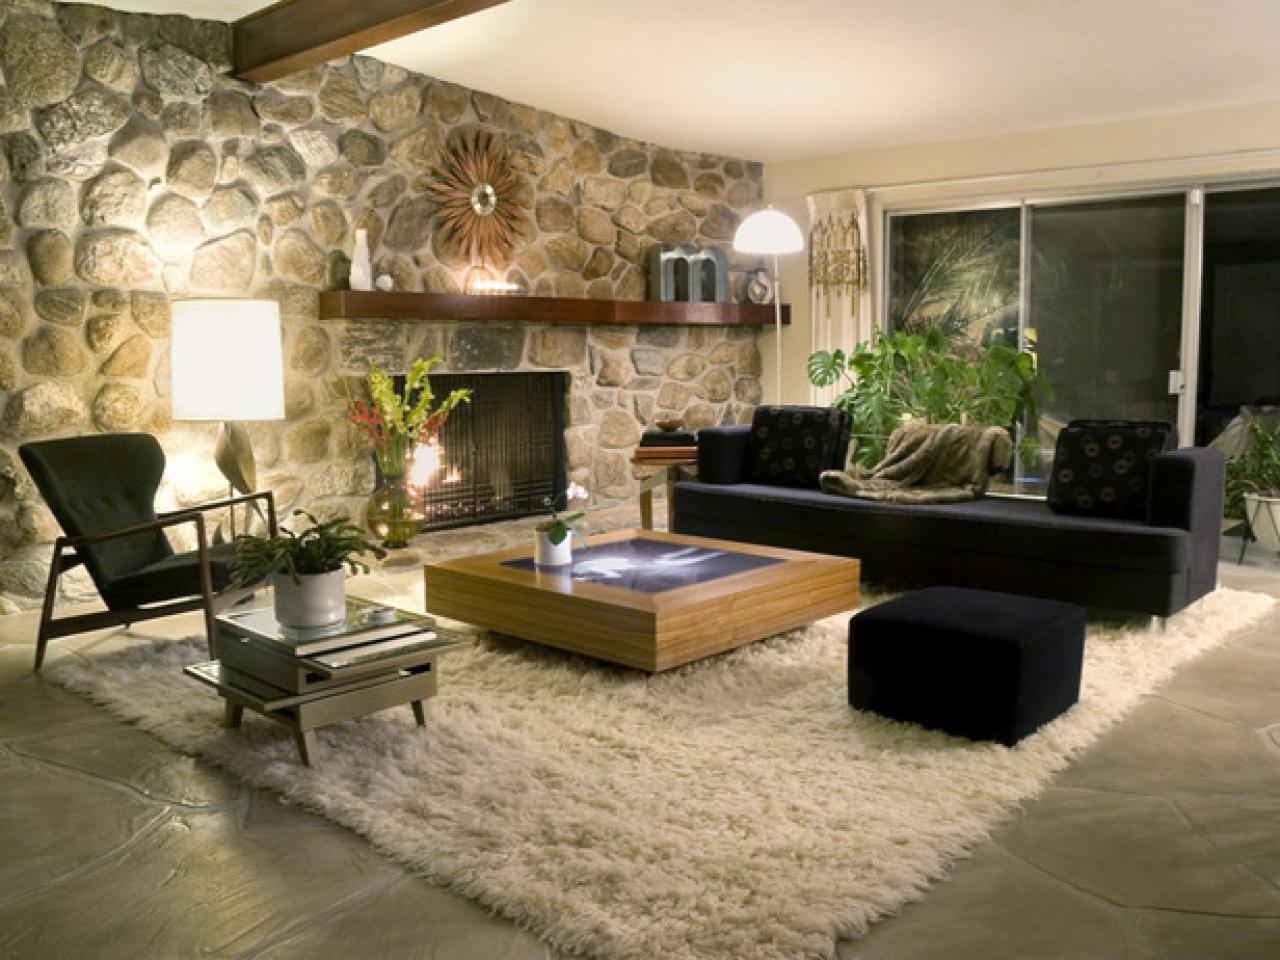 30 Modern Home Decor Ideas - The WoW Style on Modern House Ideas  id=84239